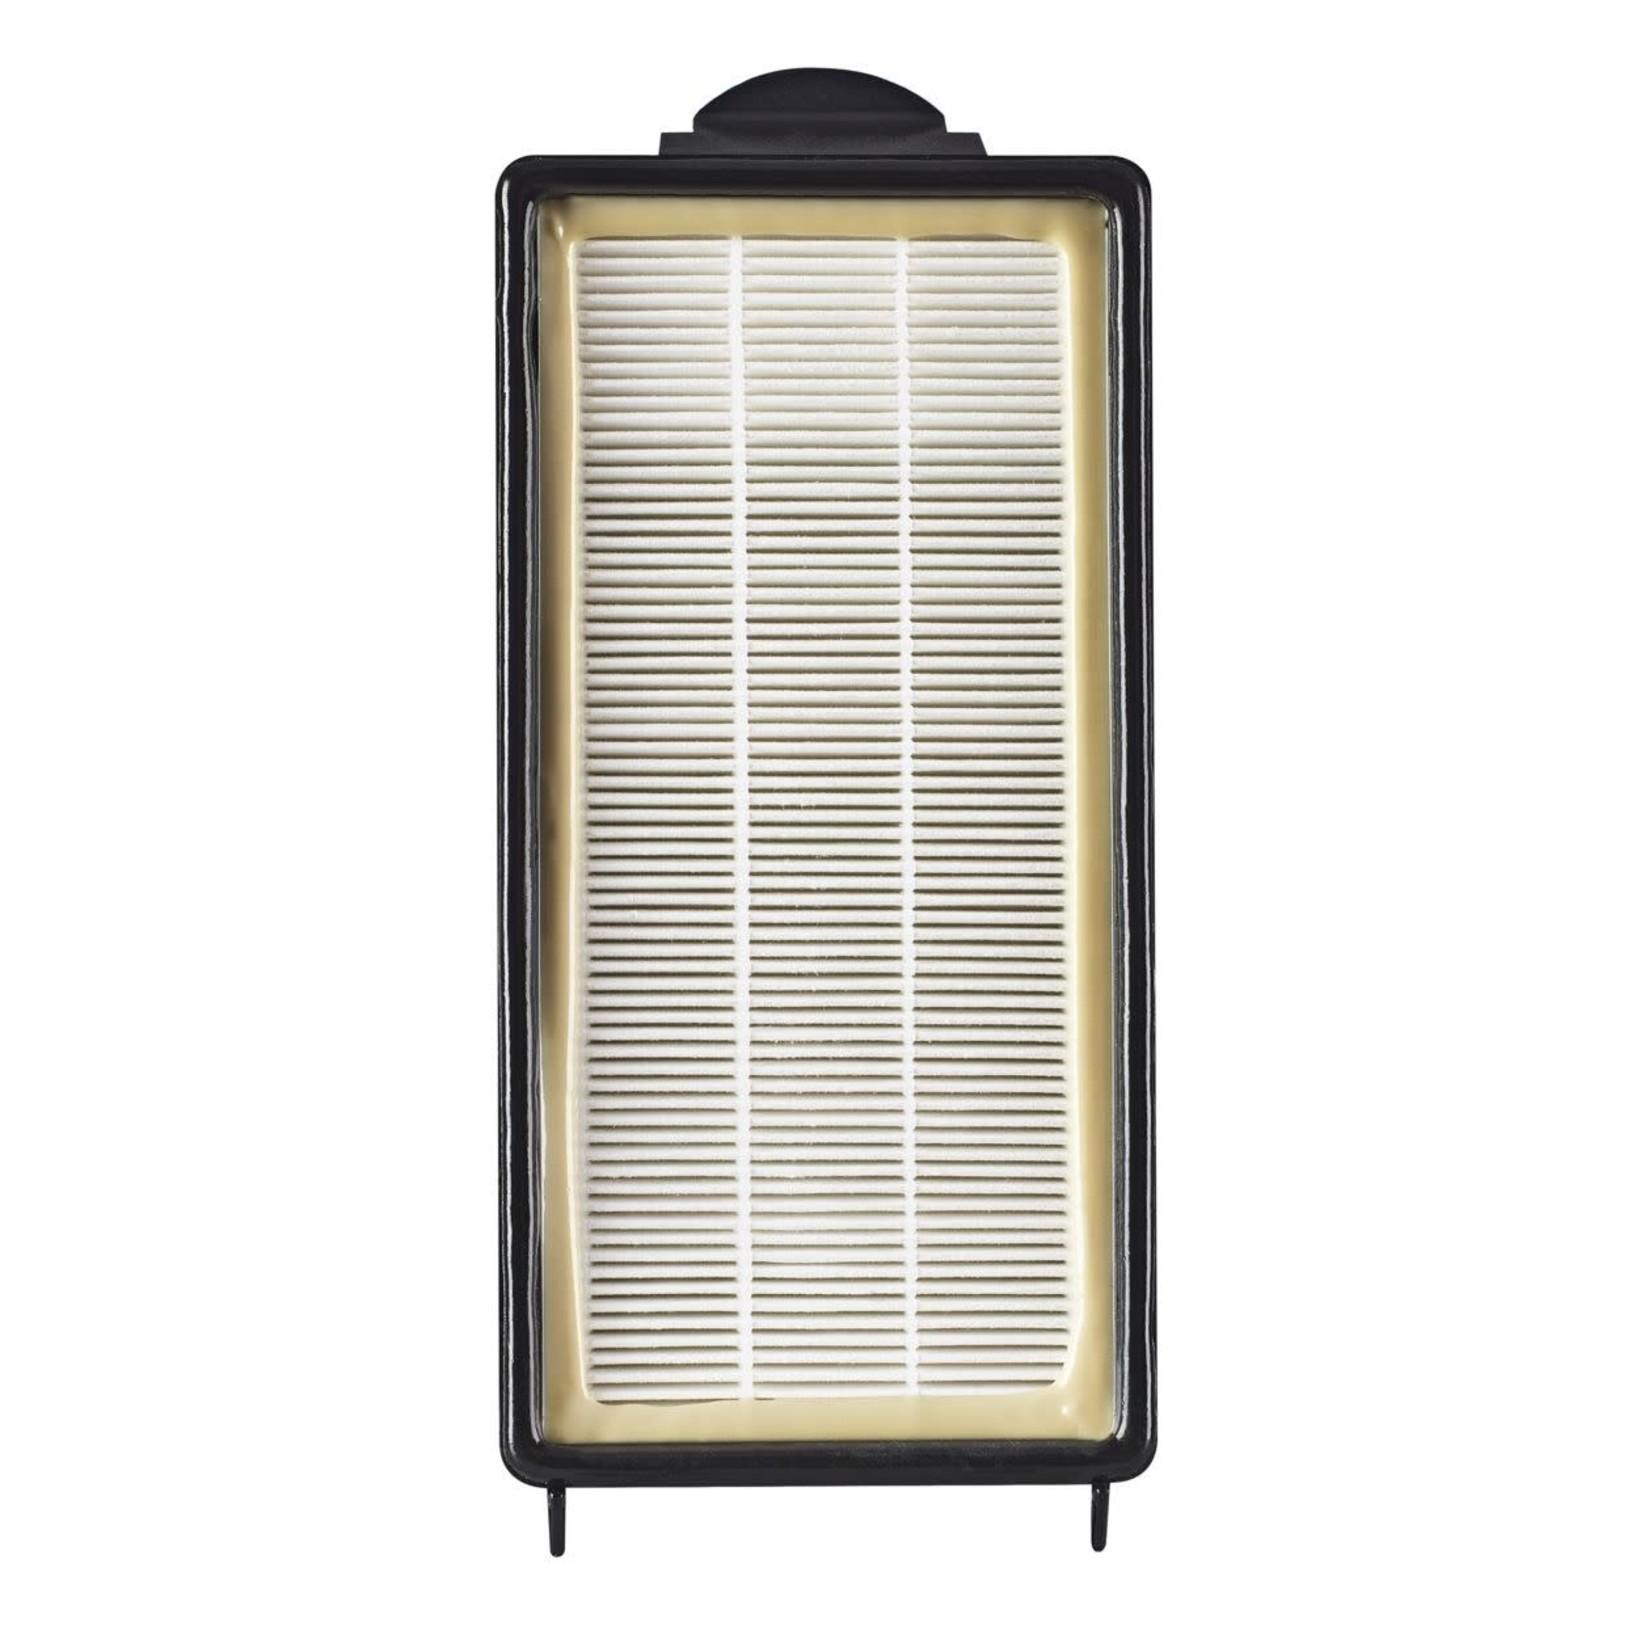 DVC DVC HF-9 Filter for Eureka & Sanitaire